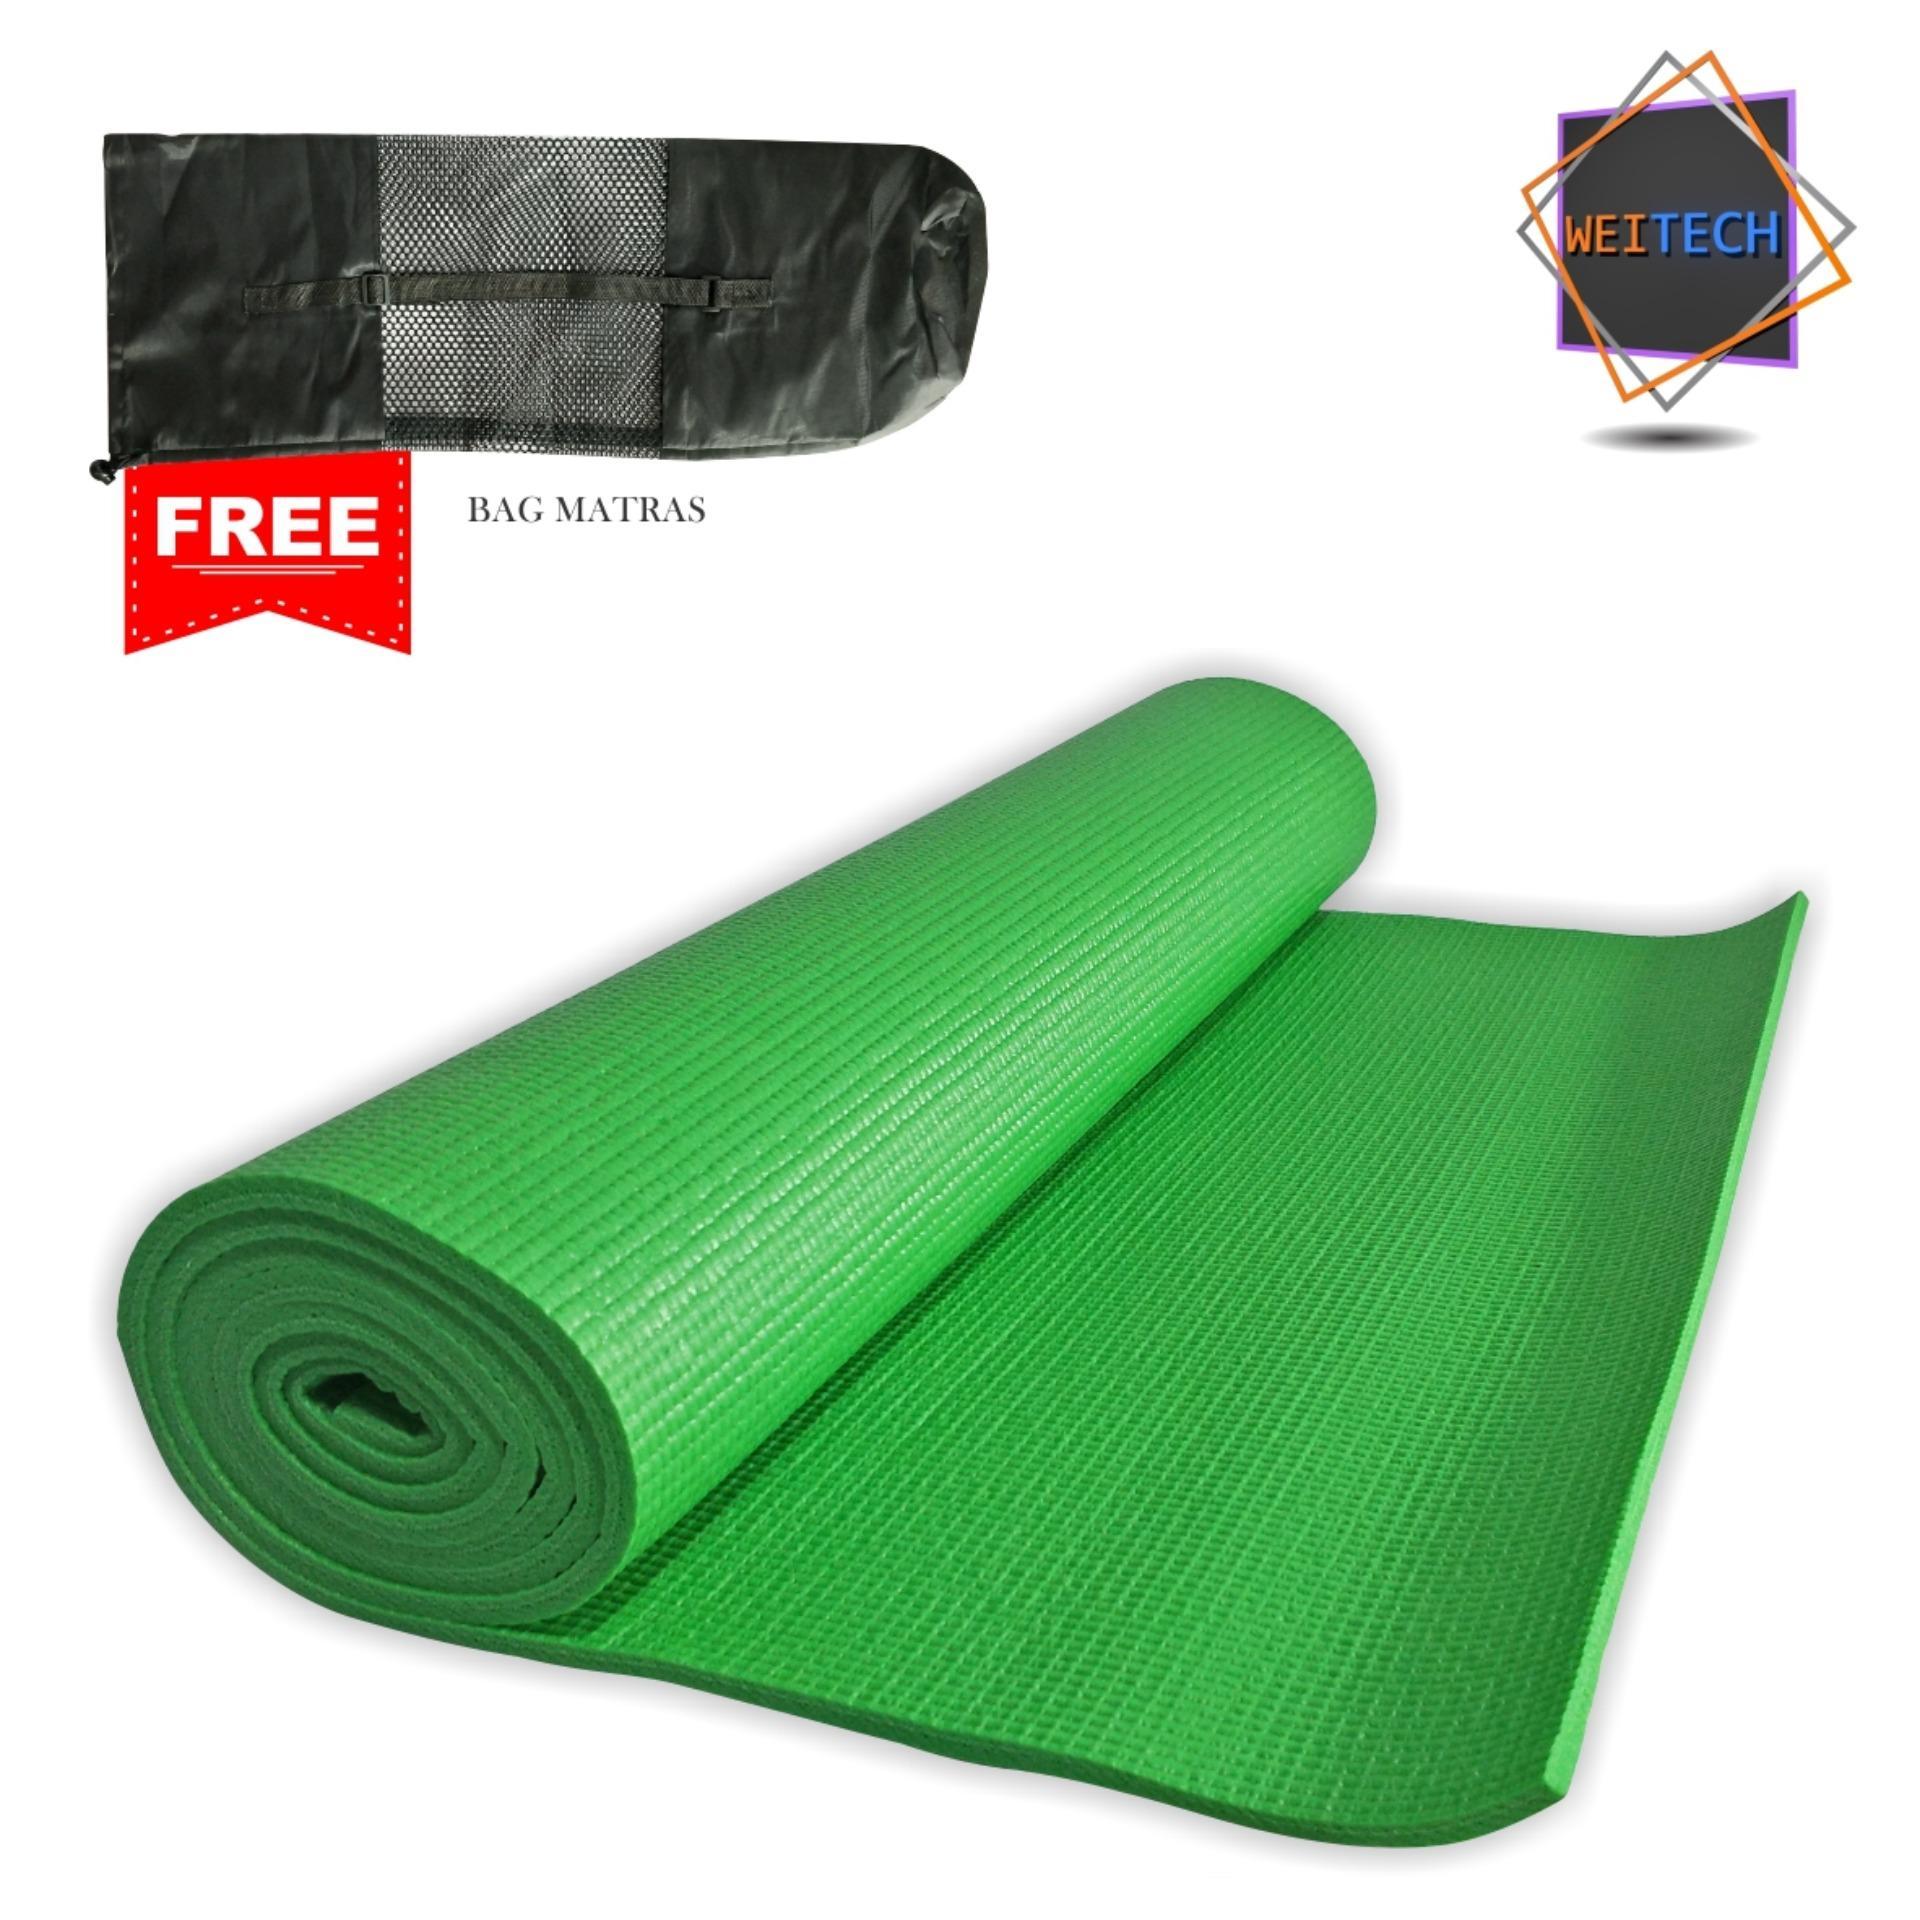 Diskon Weitech Matras Yoga 8 Mm Free Tas Jaring 1001